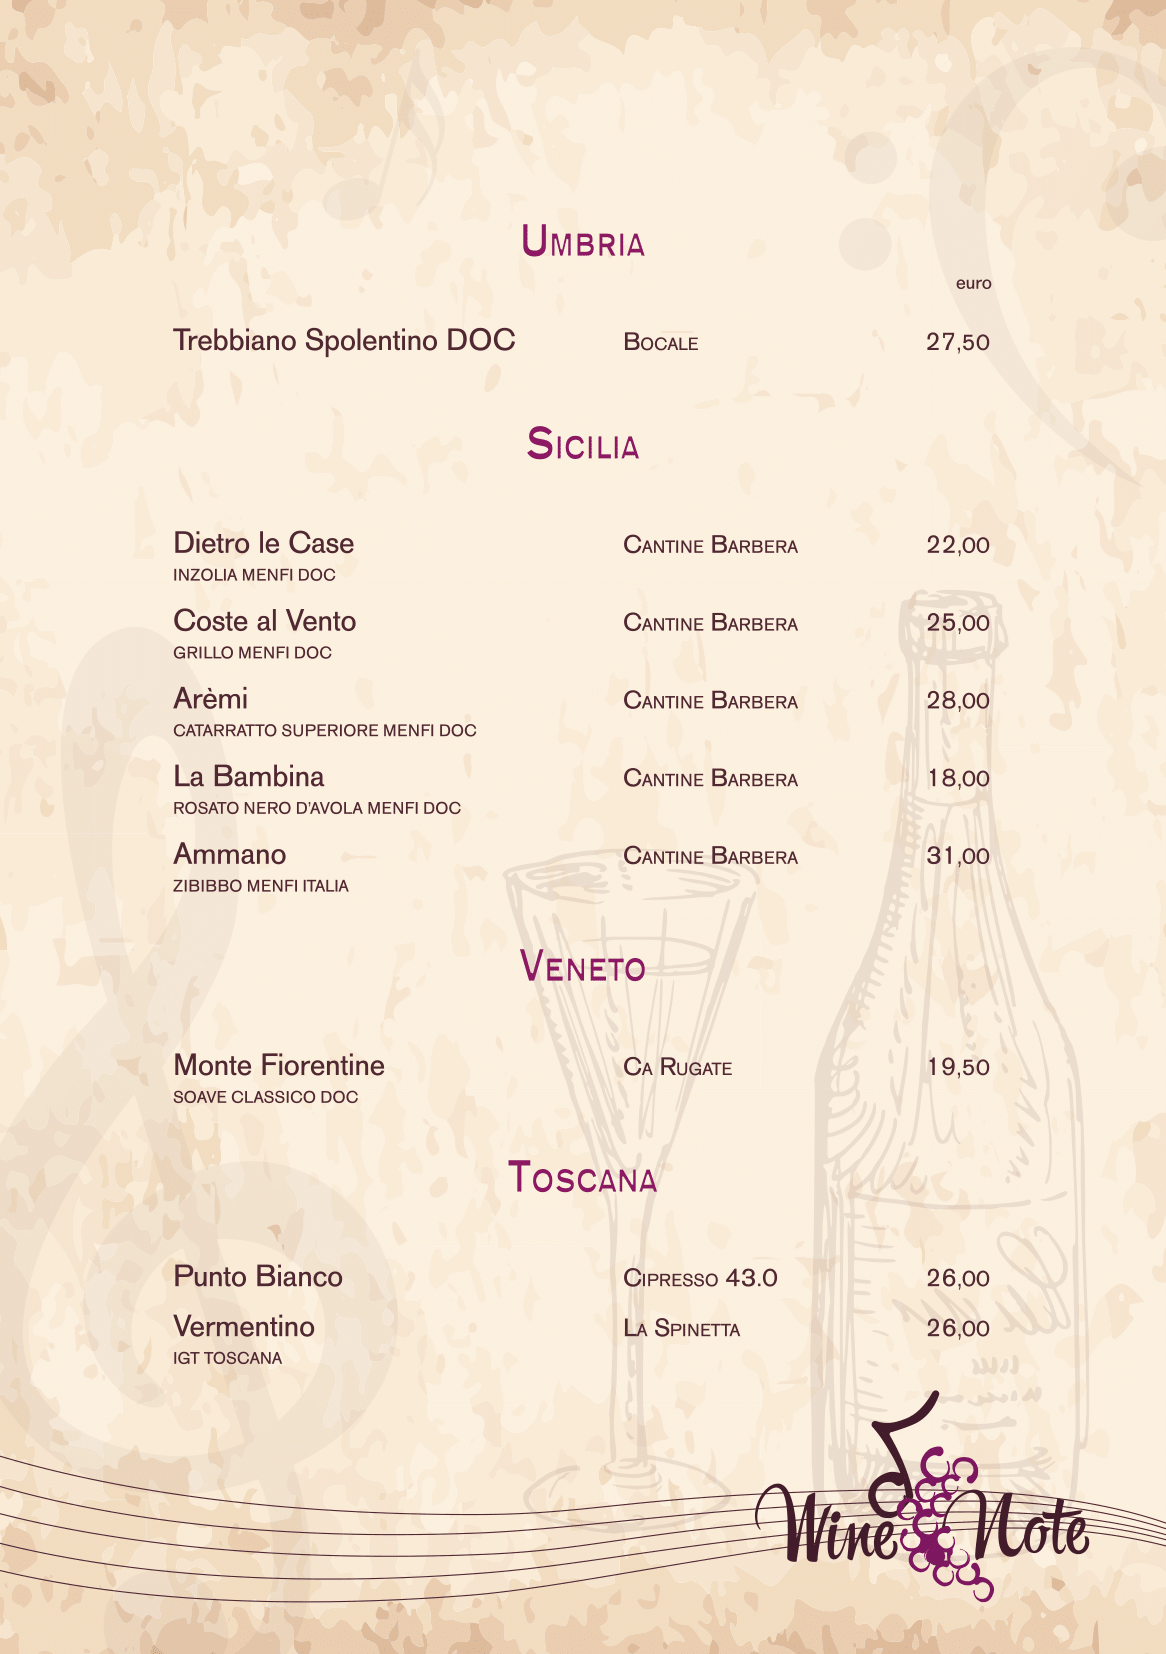 Wine note menu e vini A5-16